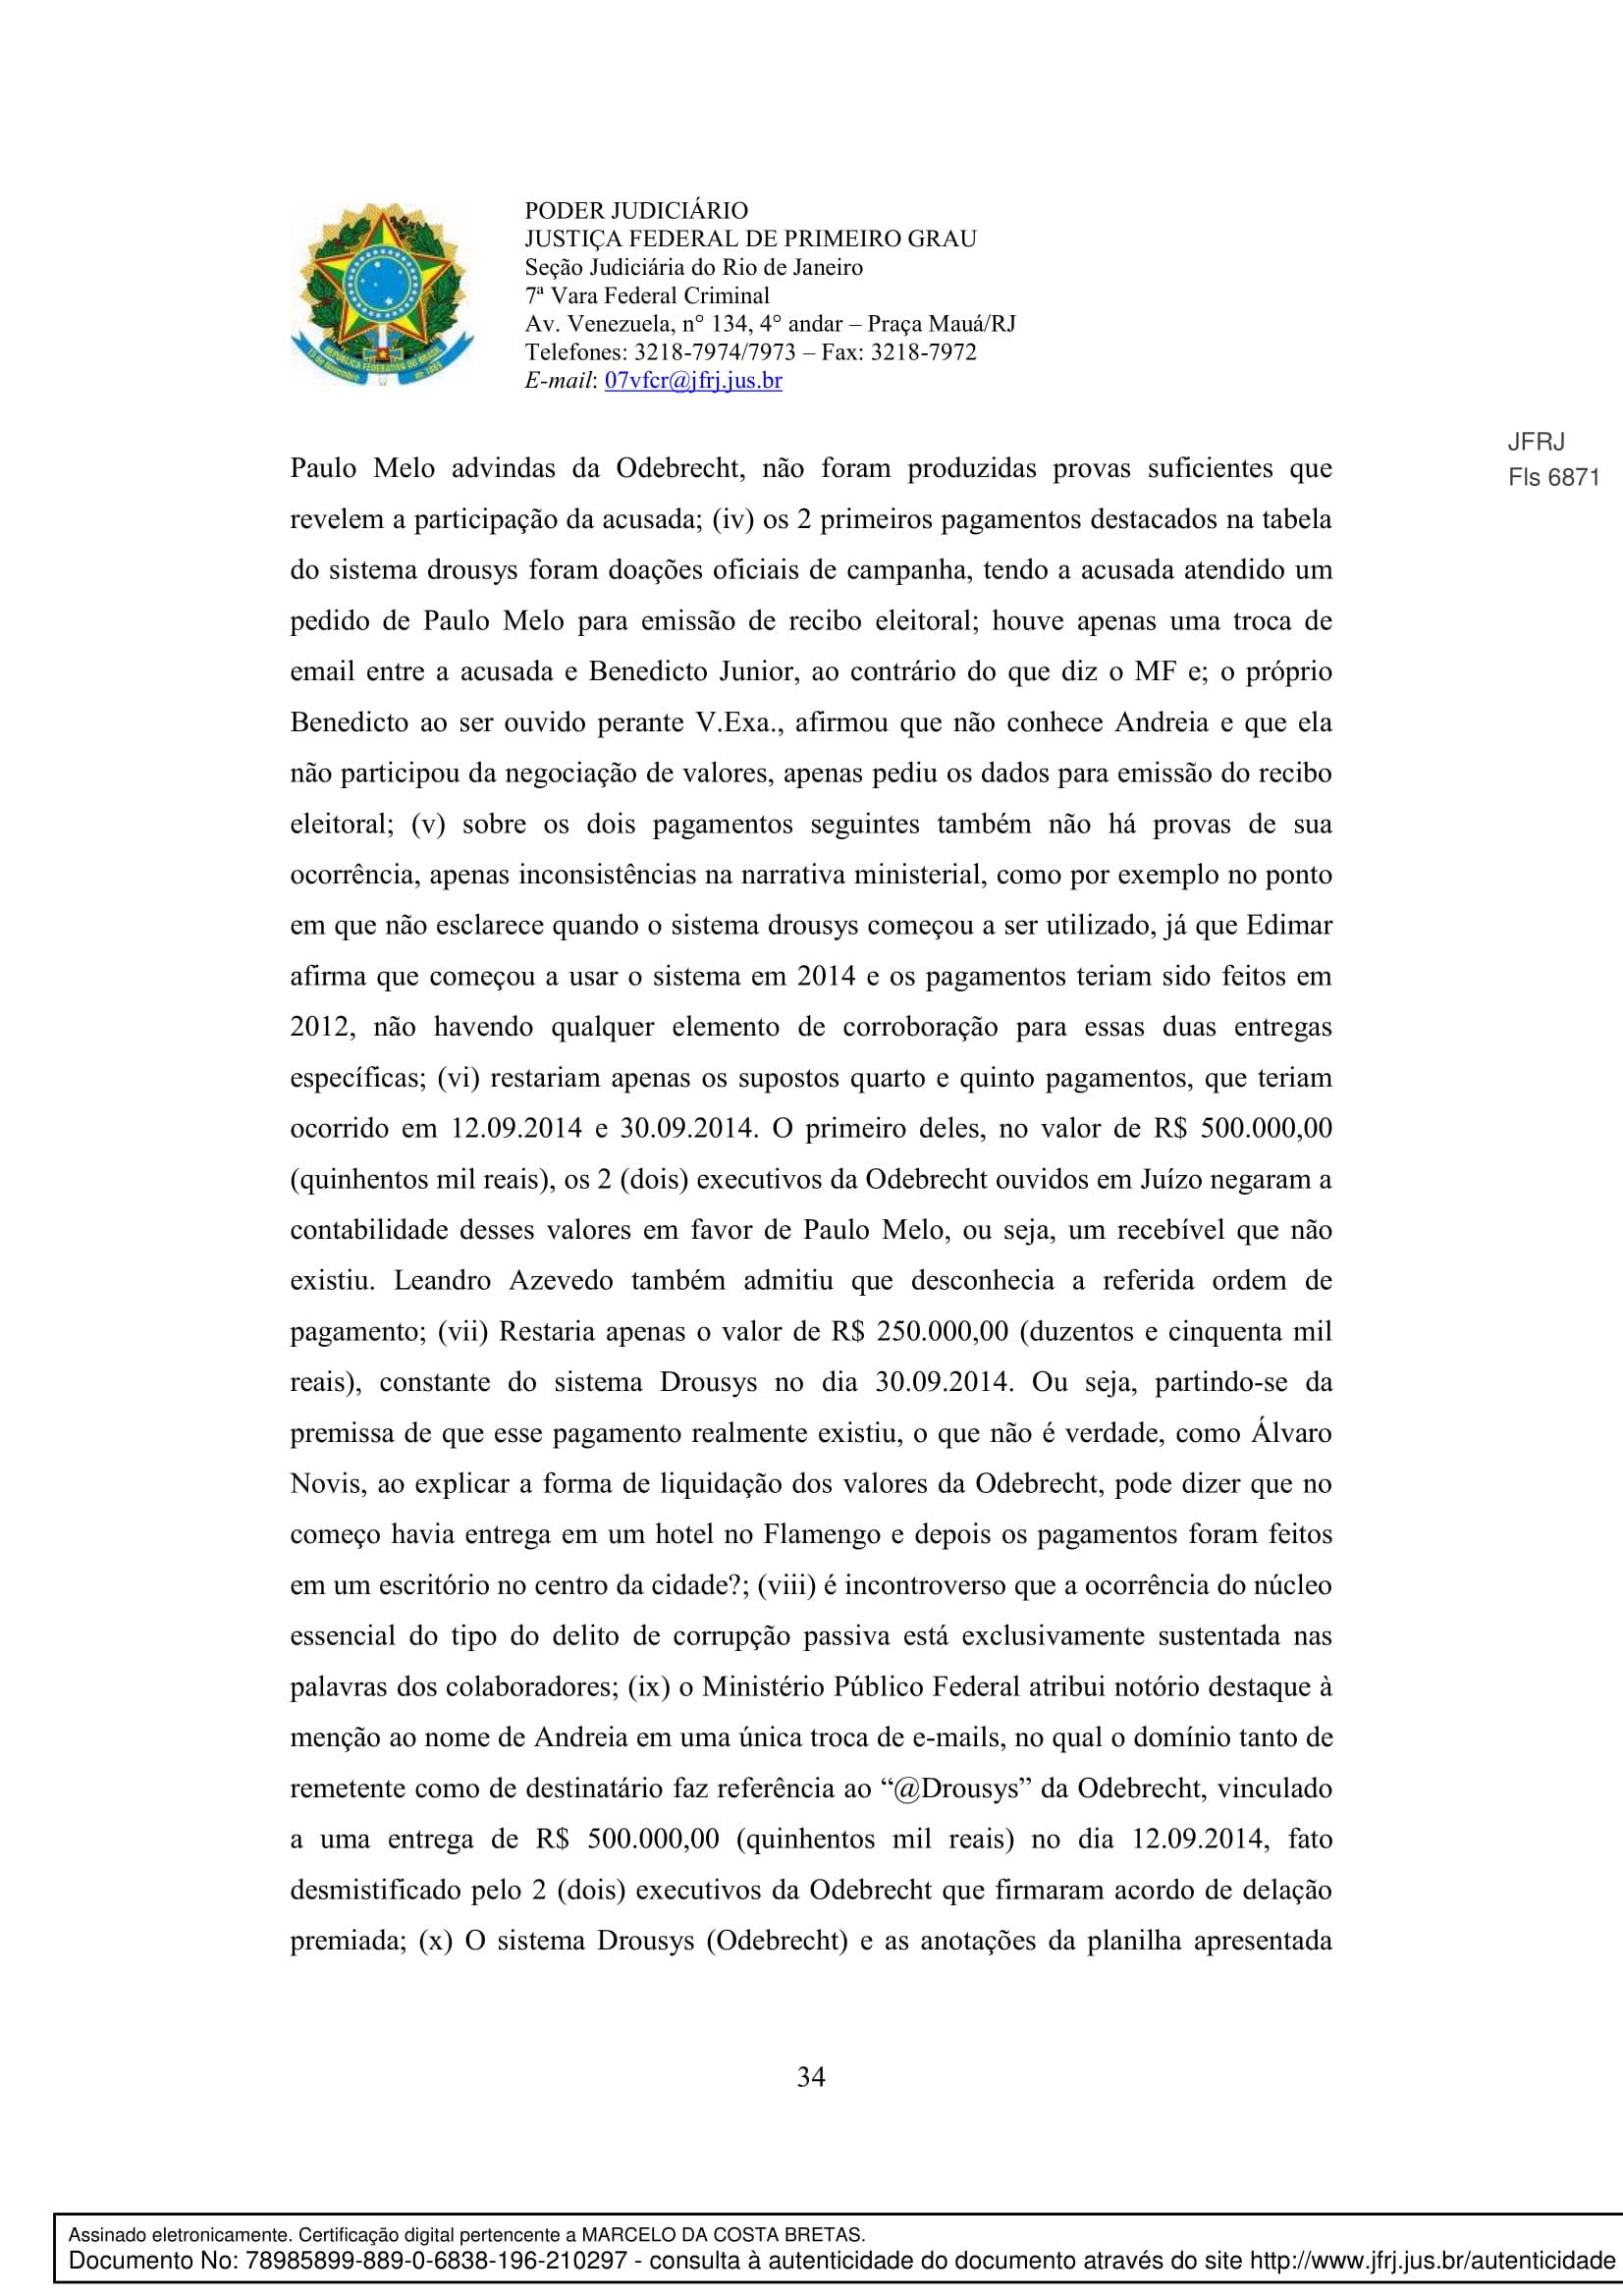 Sentenca-Cadeia-Velha-7VFC-034